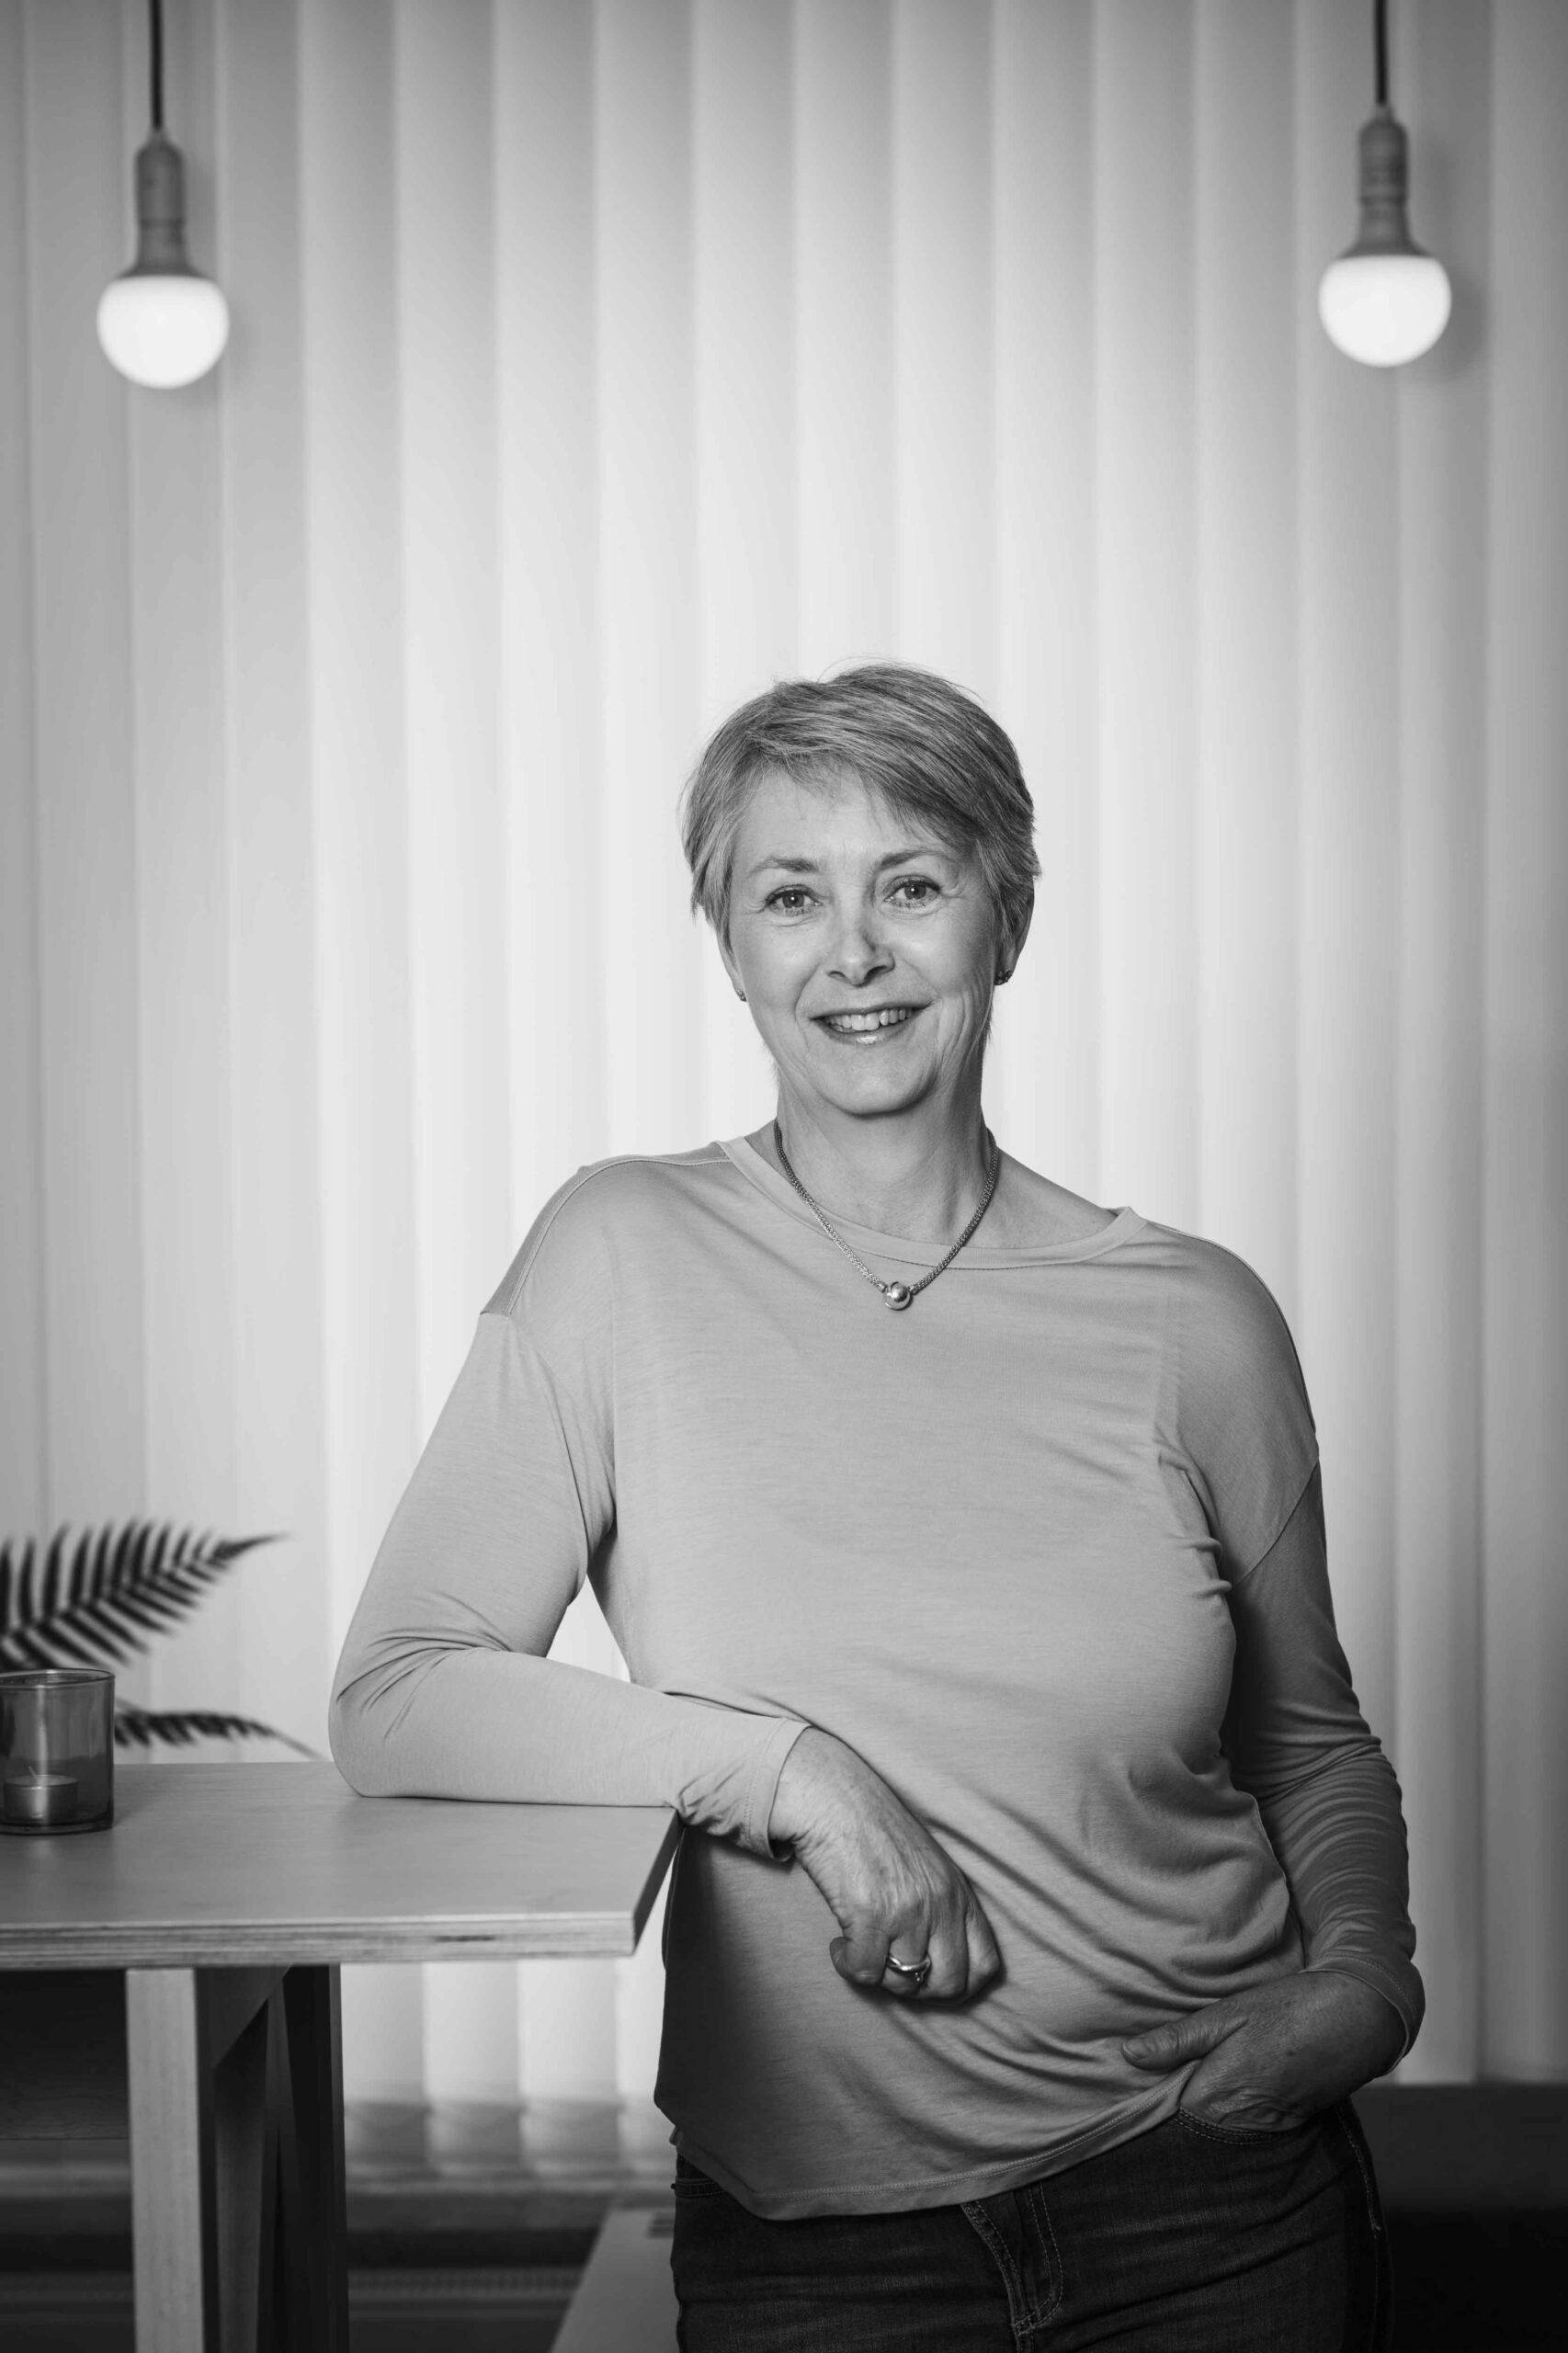 Viveka Olai-Stenberg